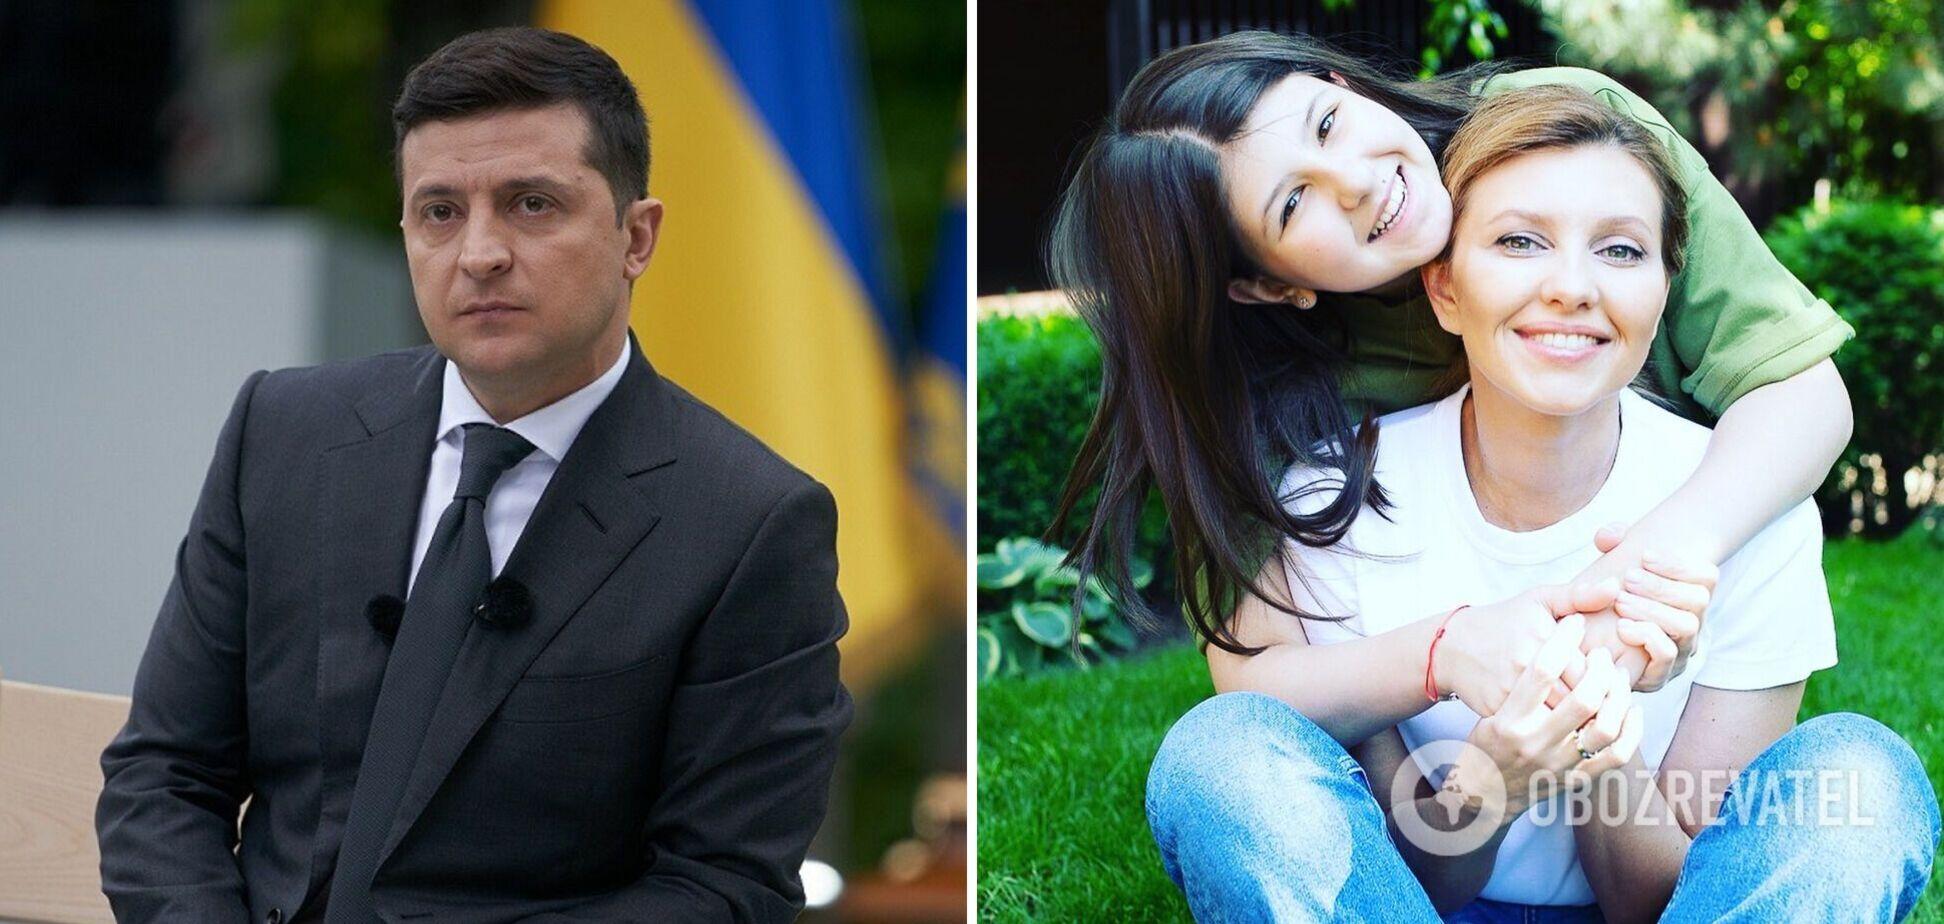 У мережі згадали архівний знімок Зеленського з дружиною і донькою